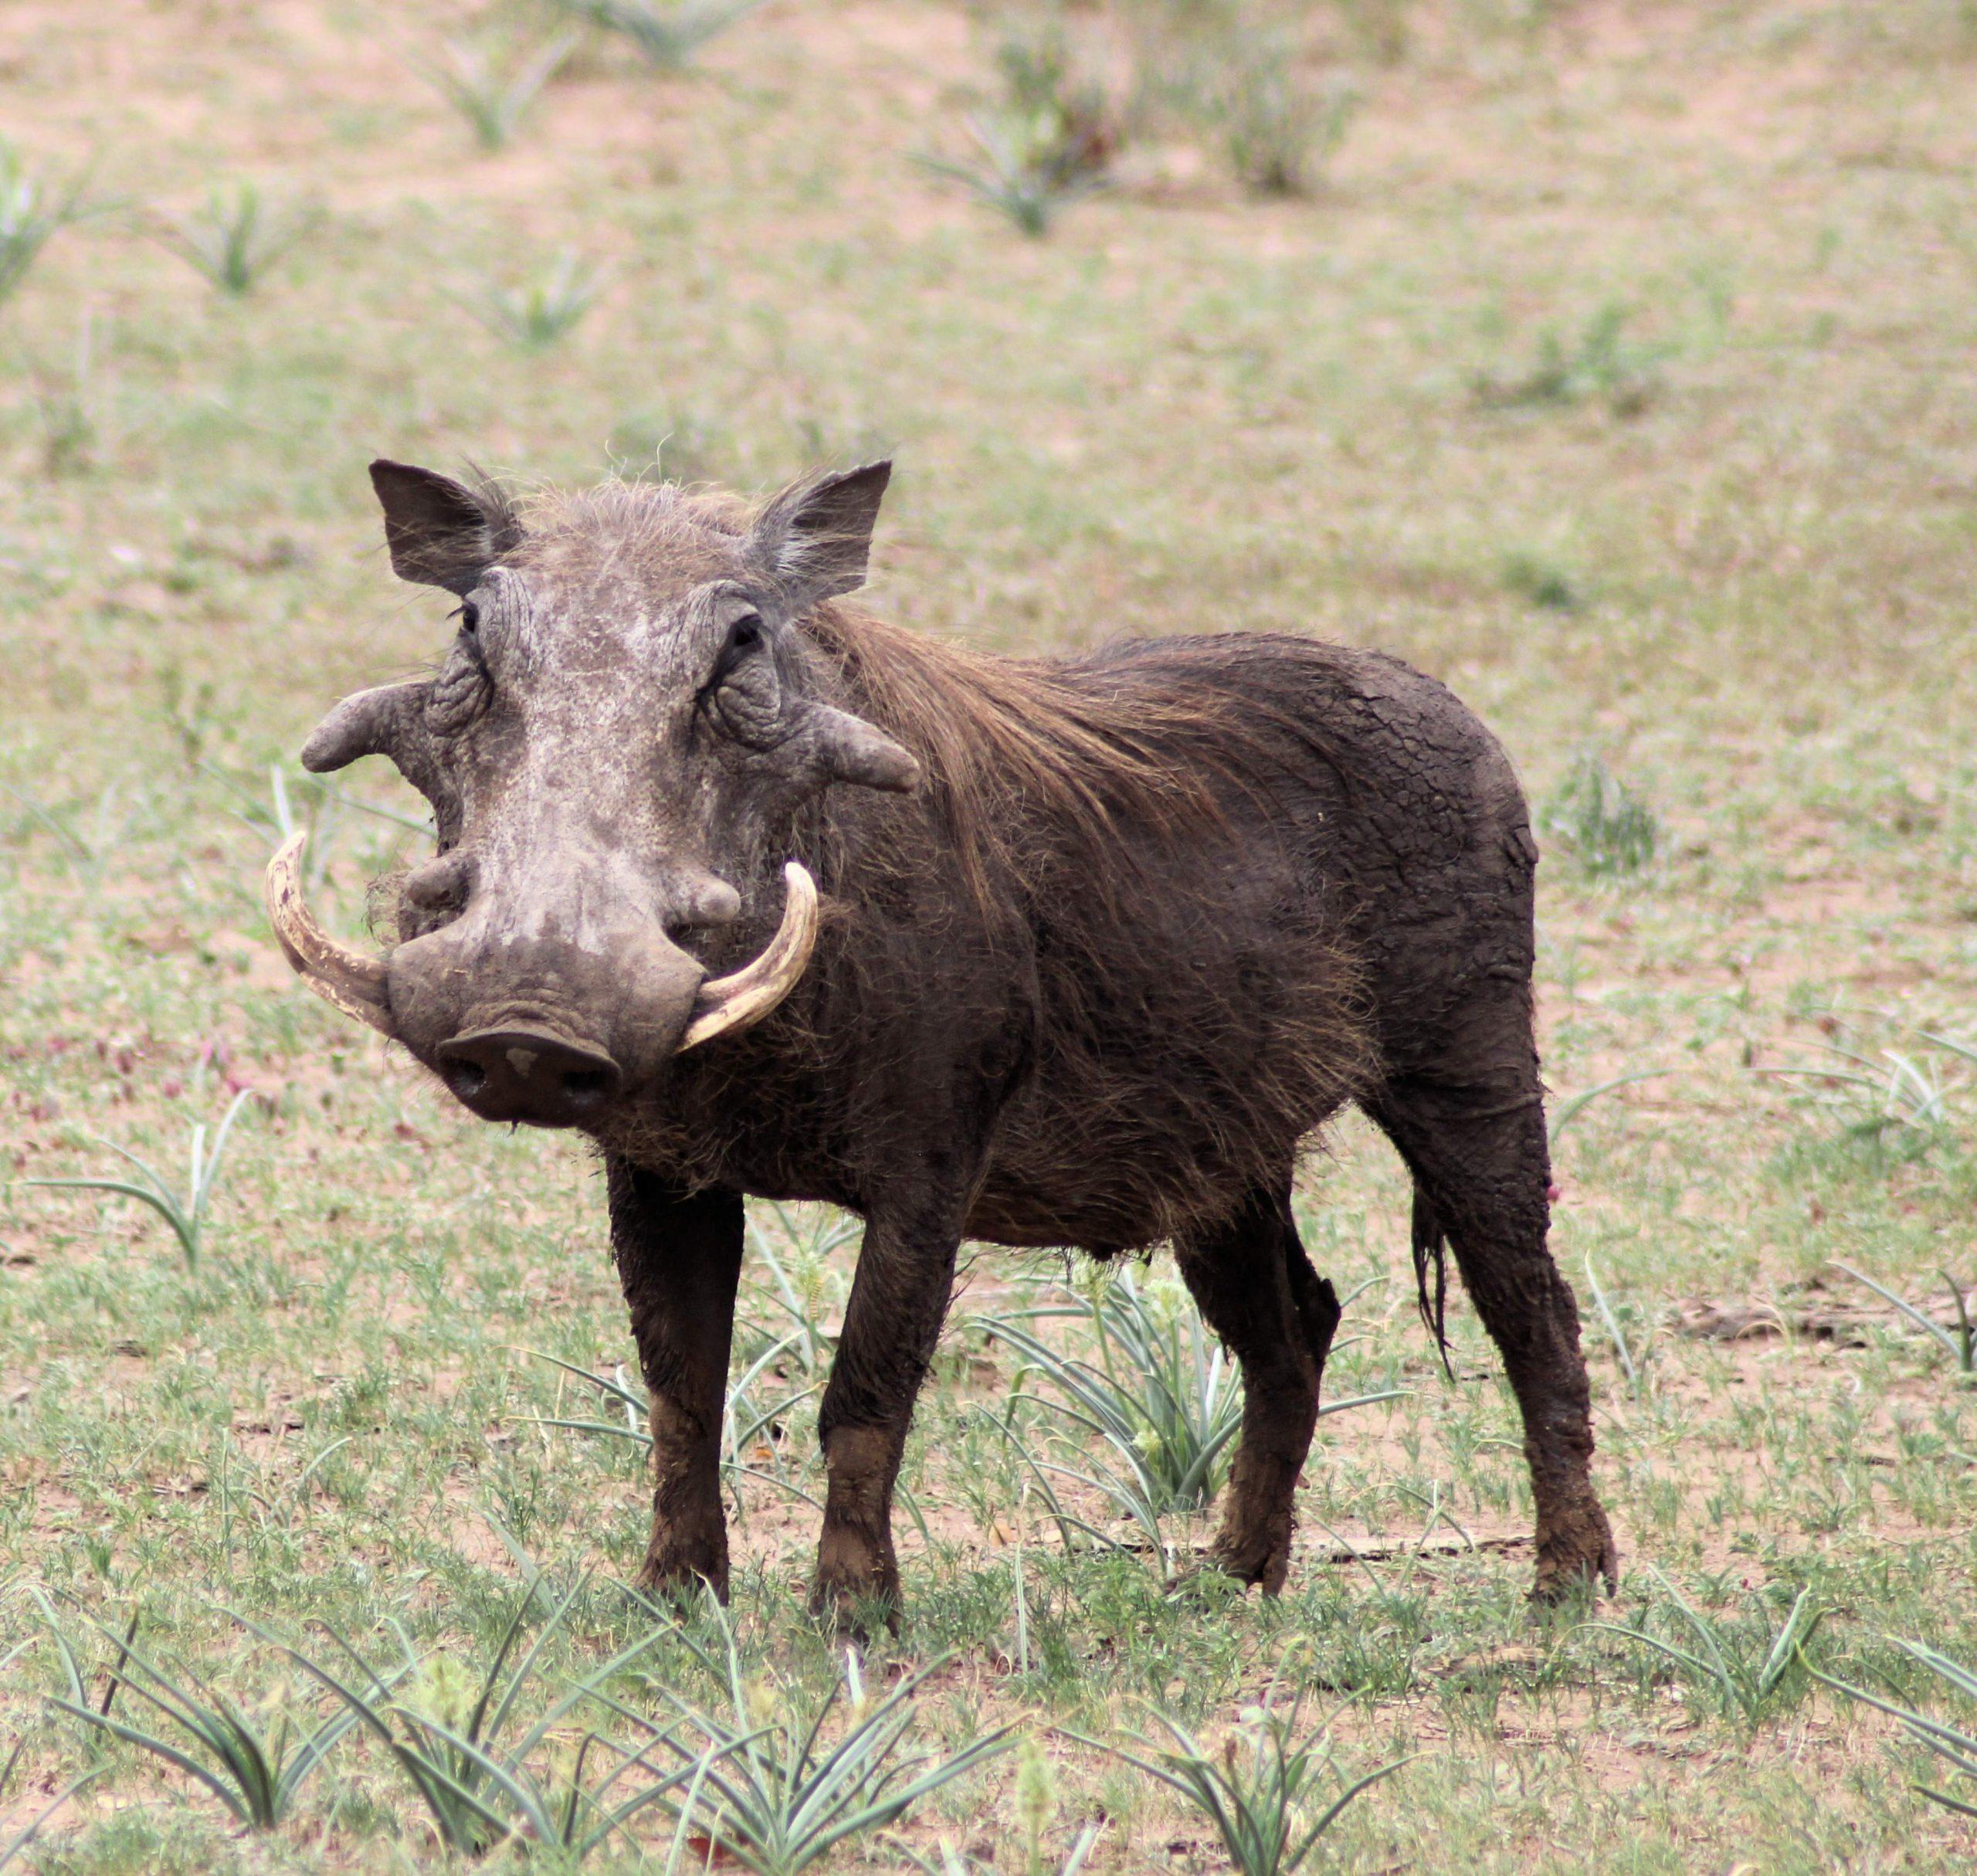 Warthog Xongi-tings Xongi-pedia (Mammal - Even-toed Ungulate)